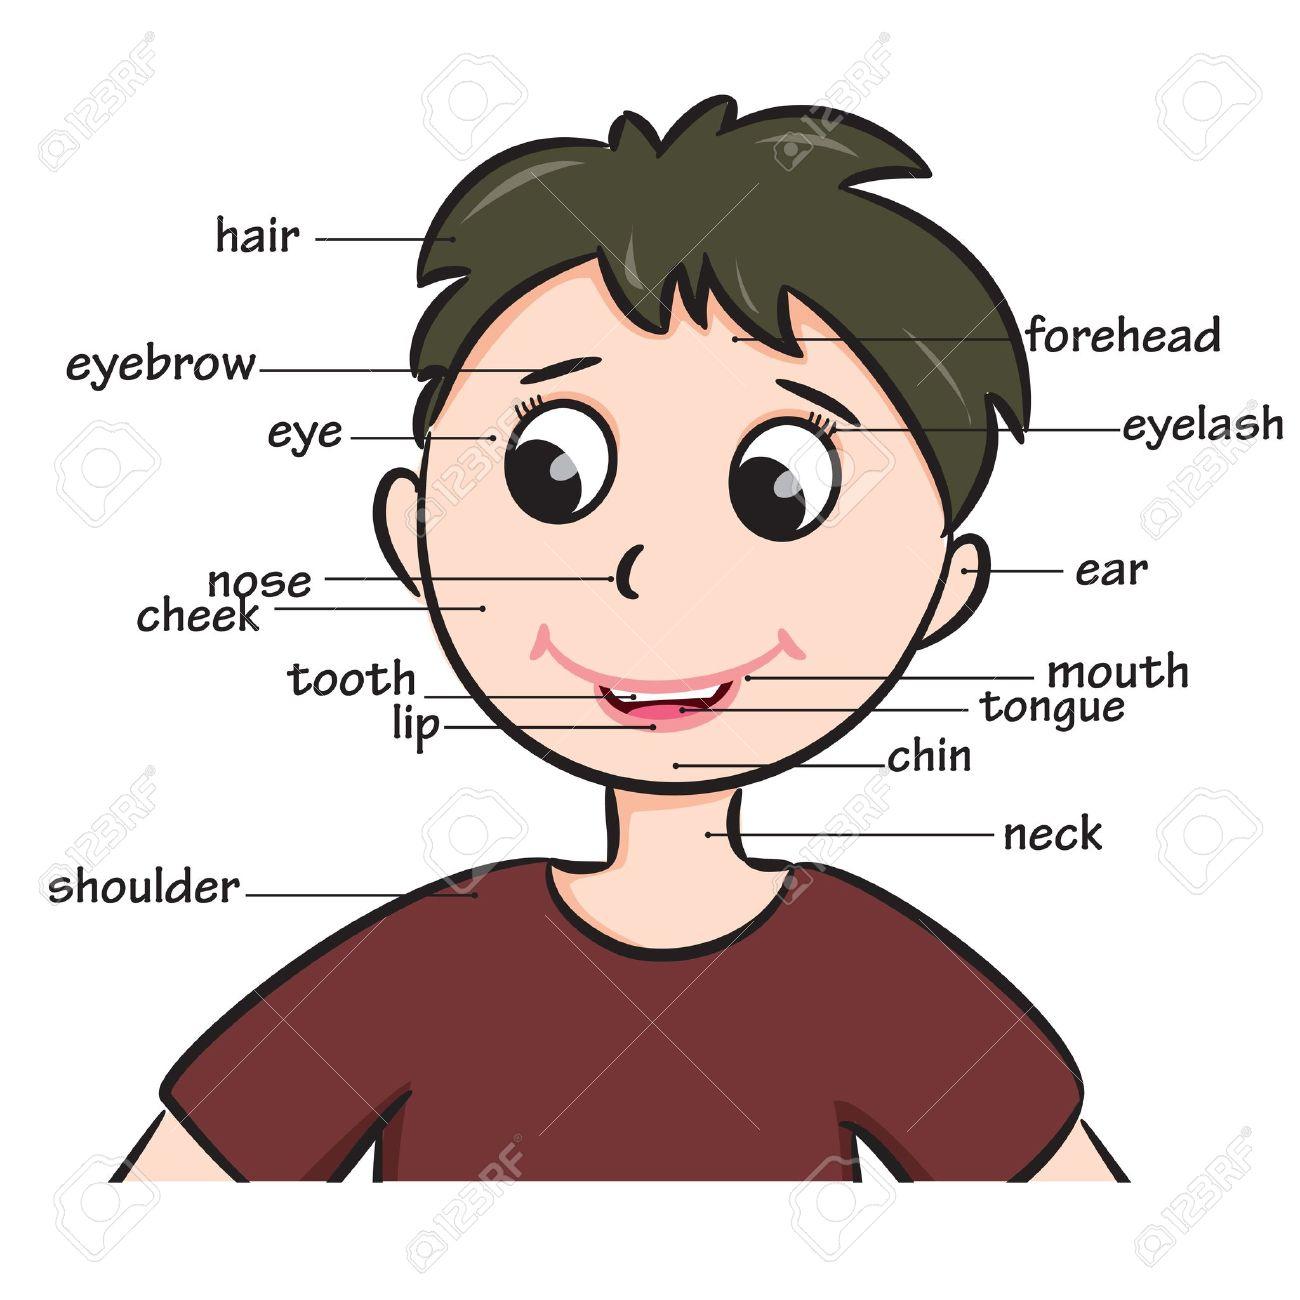 Vocabulaire Garçon De Bande Dessinée Enfant De Visage Parties Illustration pour Apprendre Les Parties Du Visage